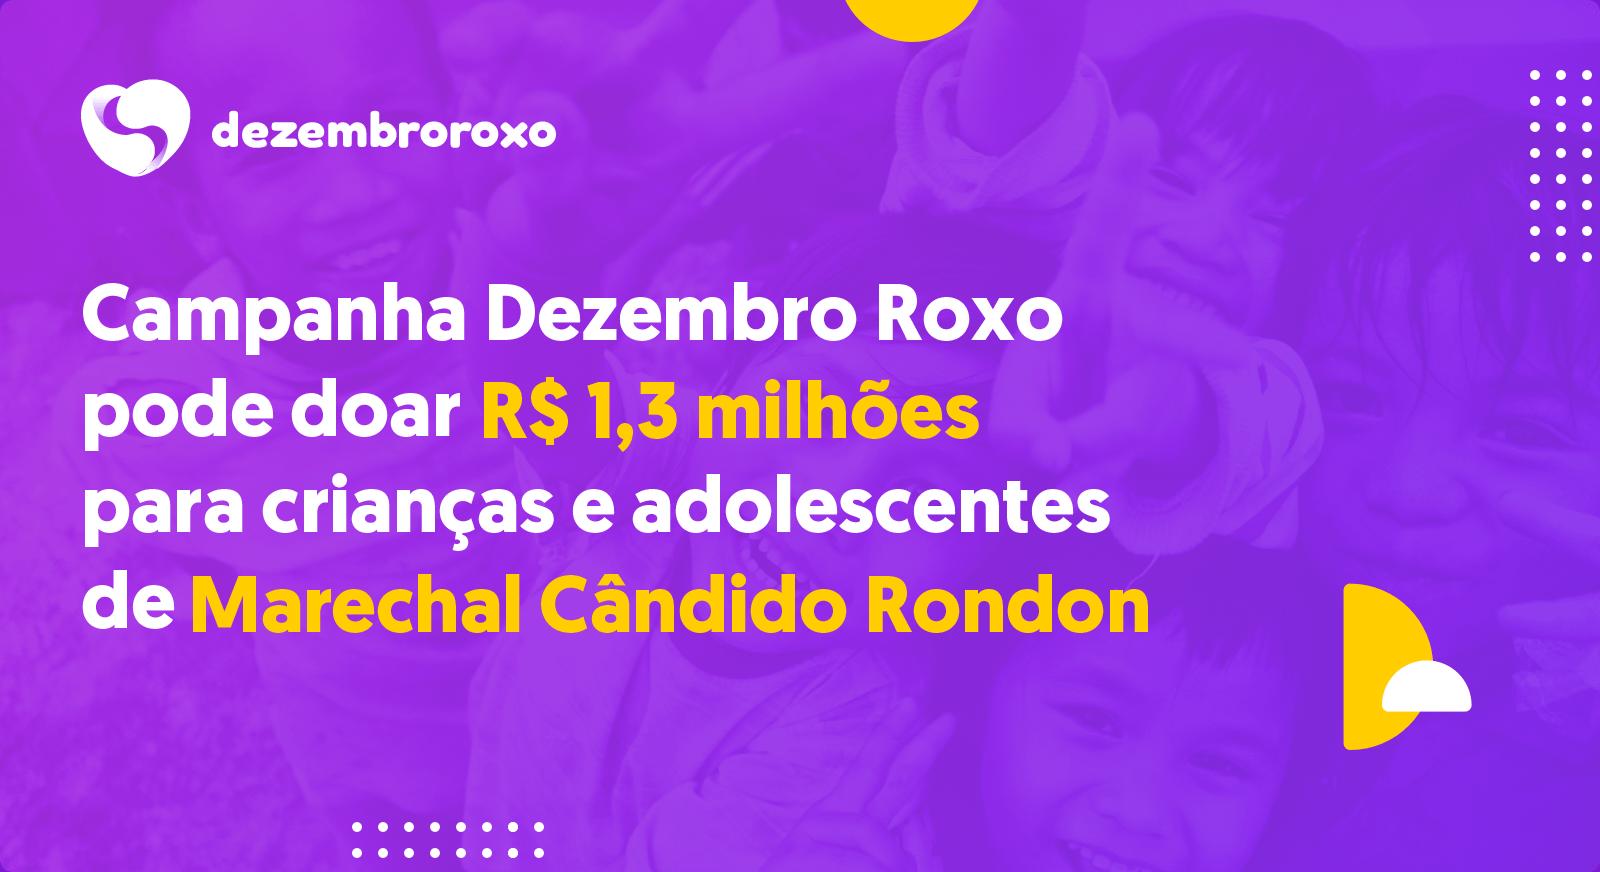 Doações em Marechal Cândido Rondon - PR